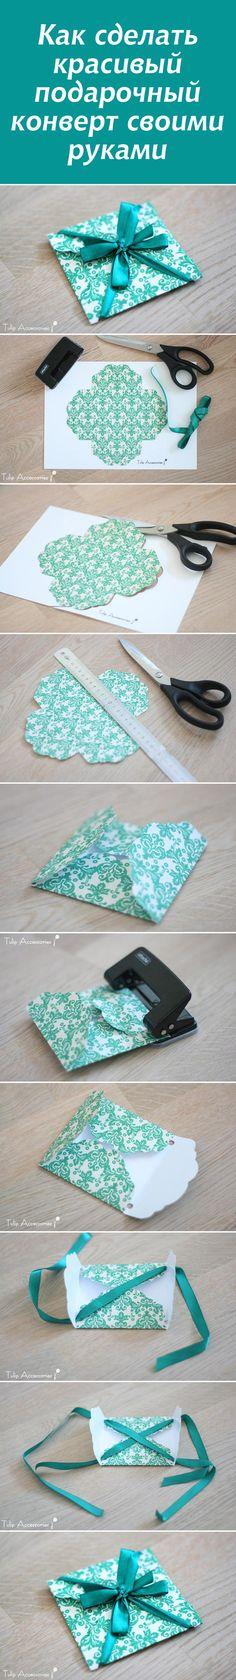 Как сделать красивый подарочный конверт своими руками #diy #tutorial #craft #handmade